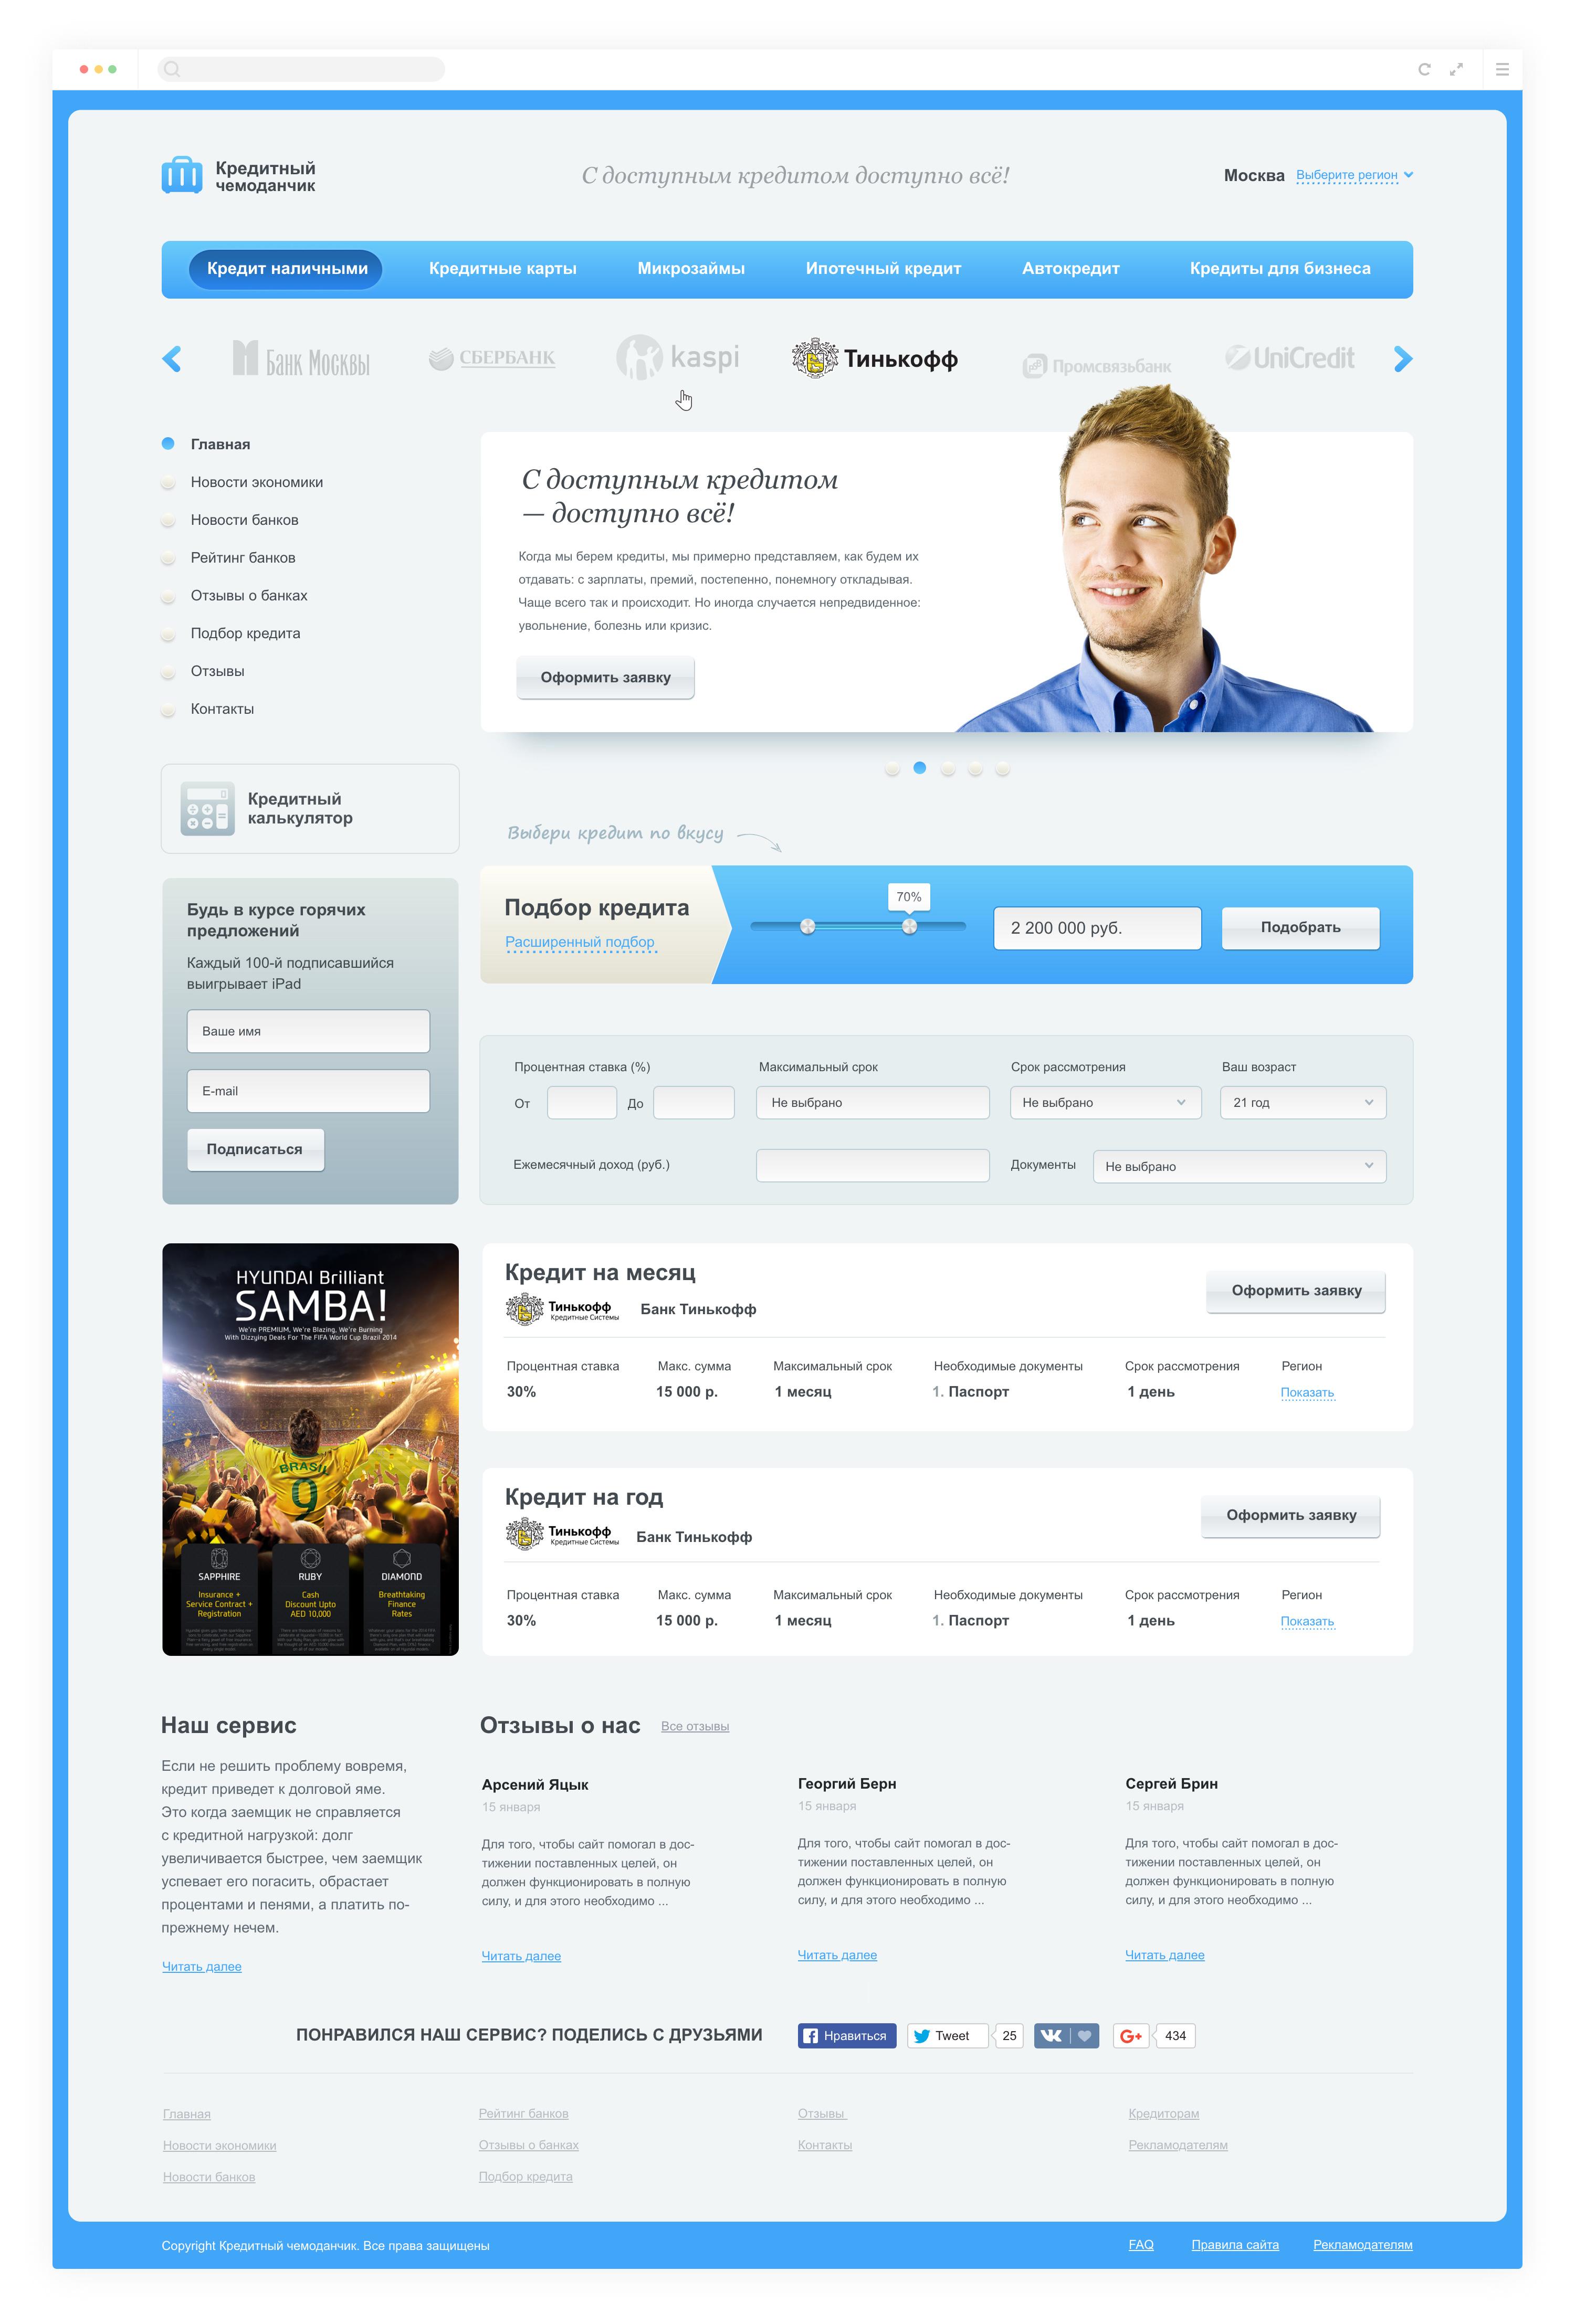 Сайт «Кредитный чемоданчик»